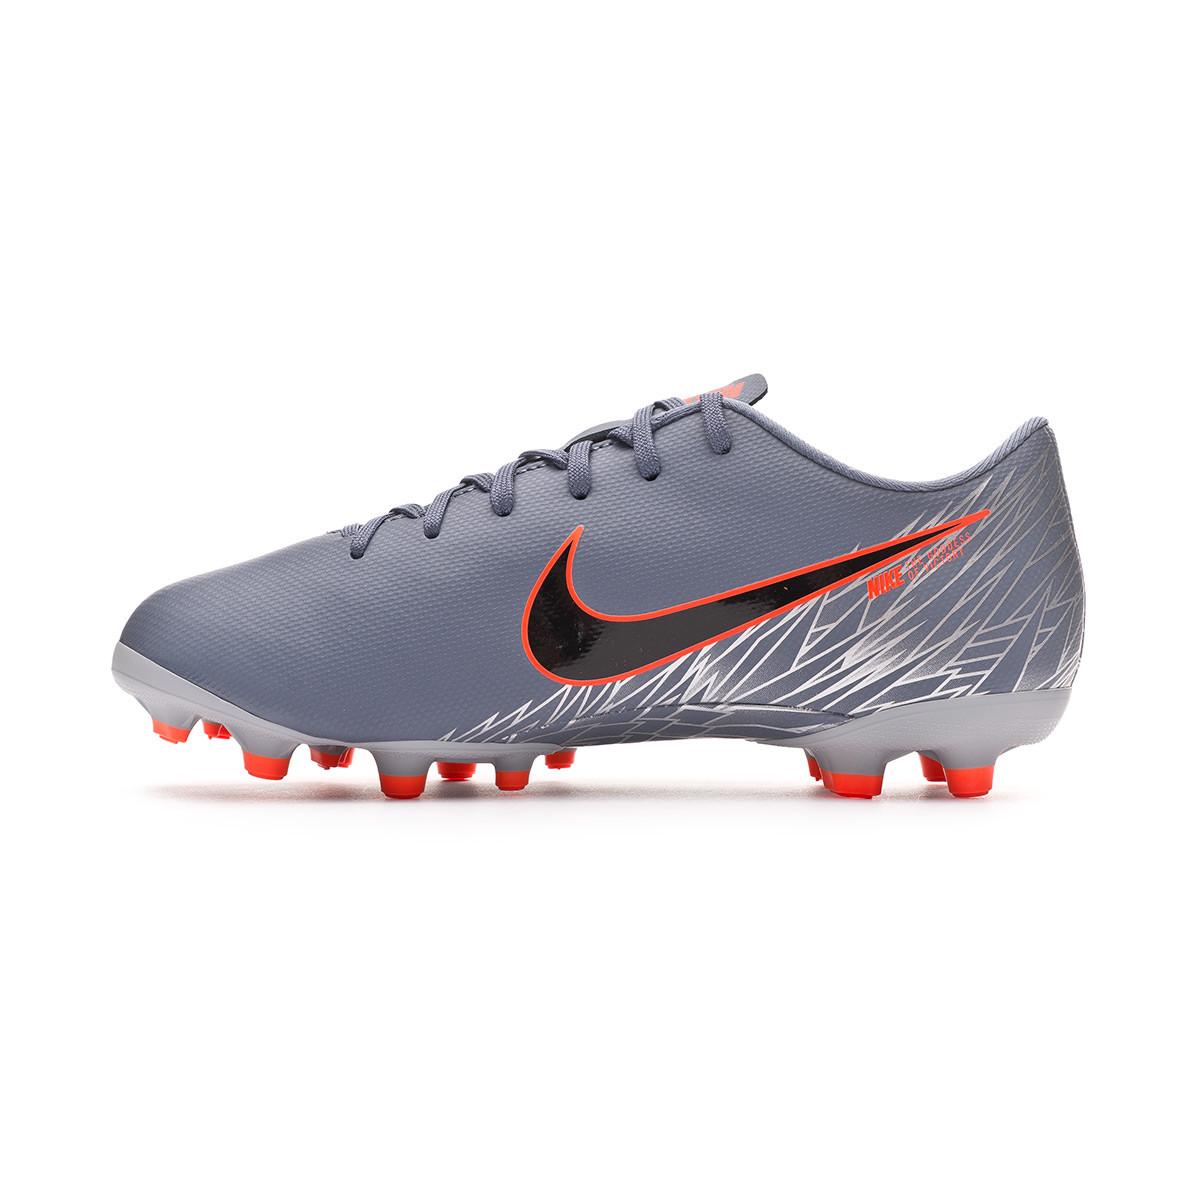 Chuteira Nike Mercurial Vapor 12 Academy